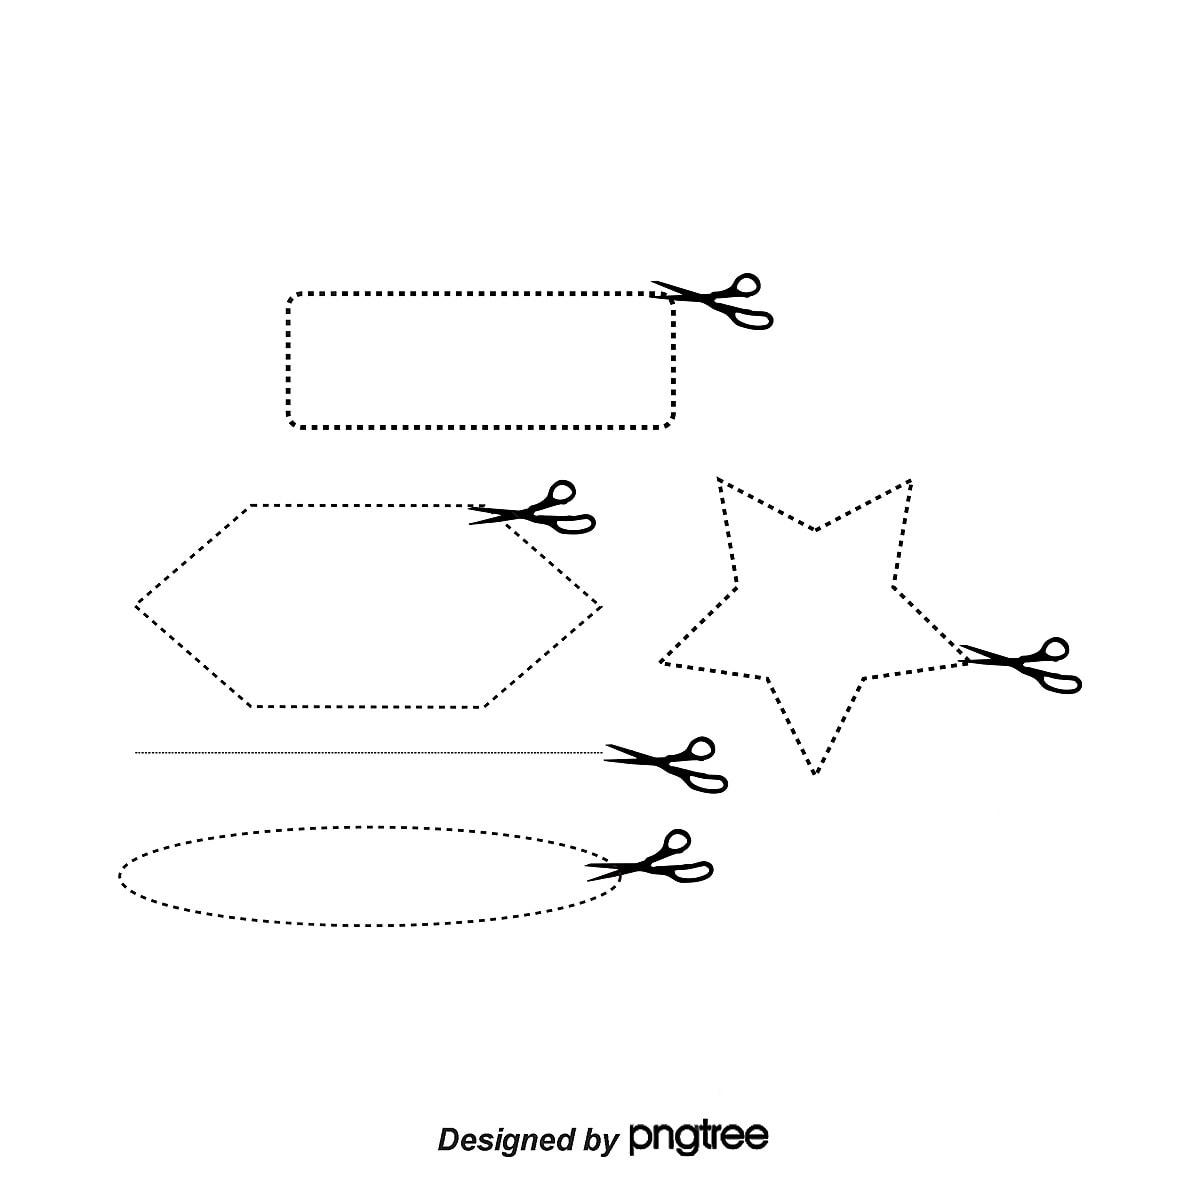 les lignes en pointill u00e9s de d u00e9coupe de bordure coupe la